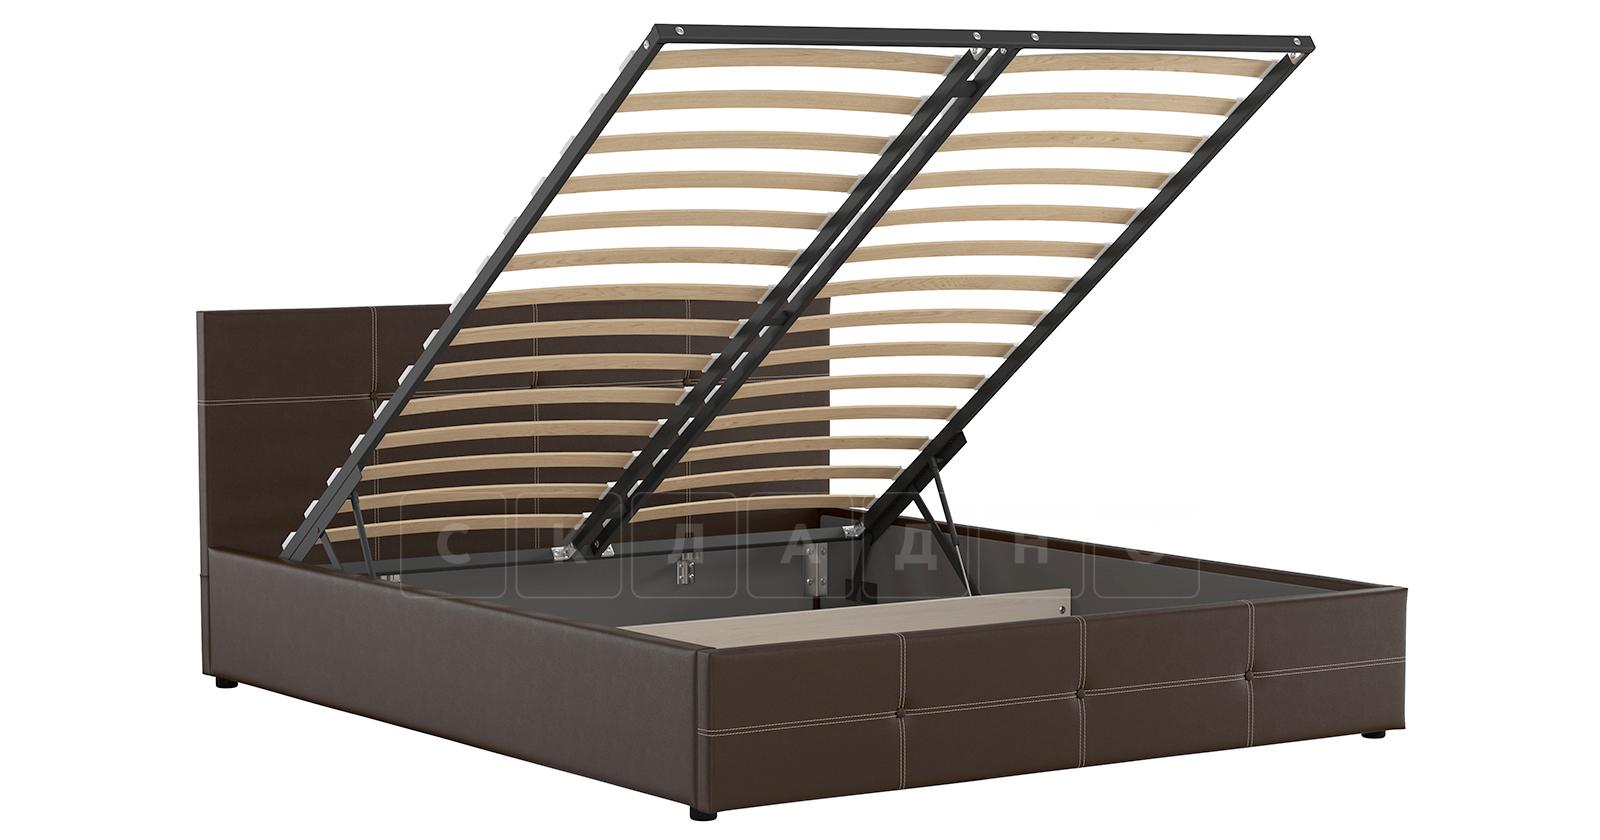 Мягкая кровать Синди 160 см шоколад с подъемным механизмом фото 2   интернет-магазин Складно